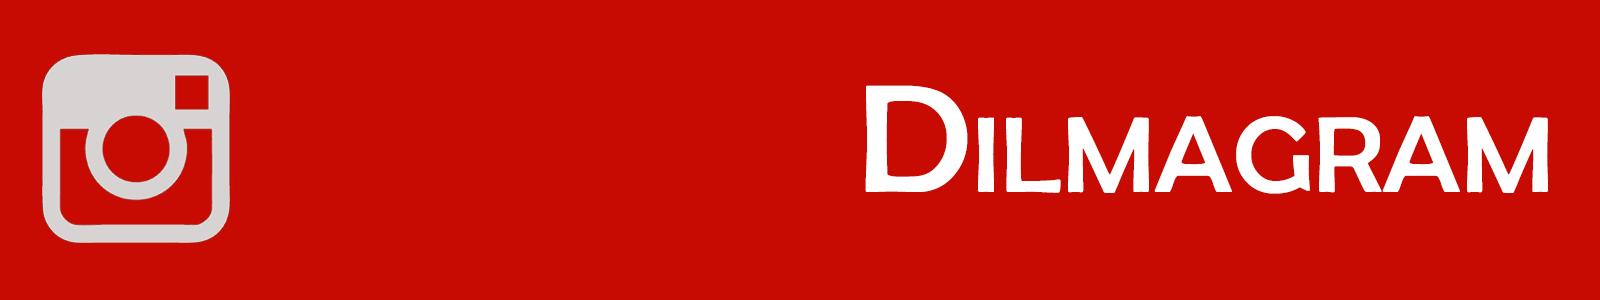 Dilmagram.jpg